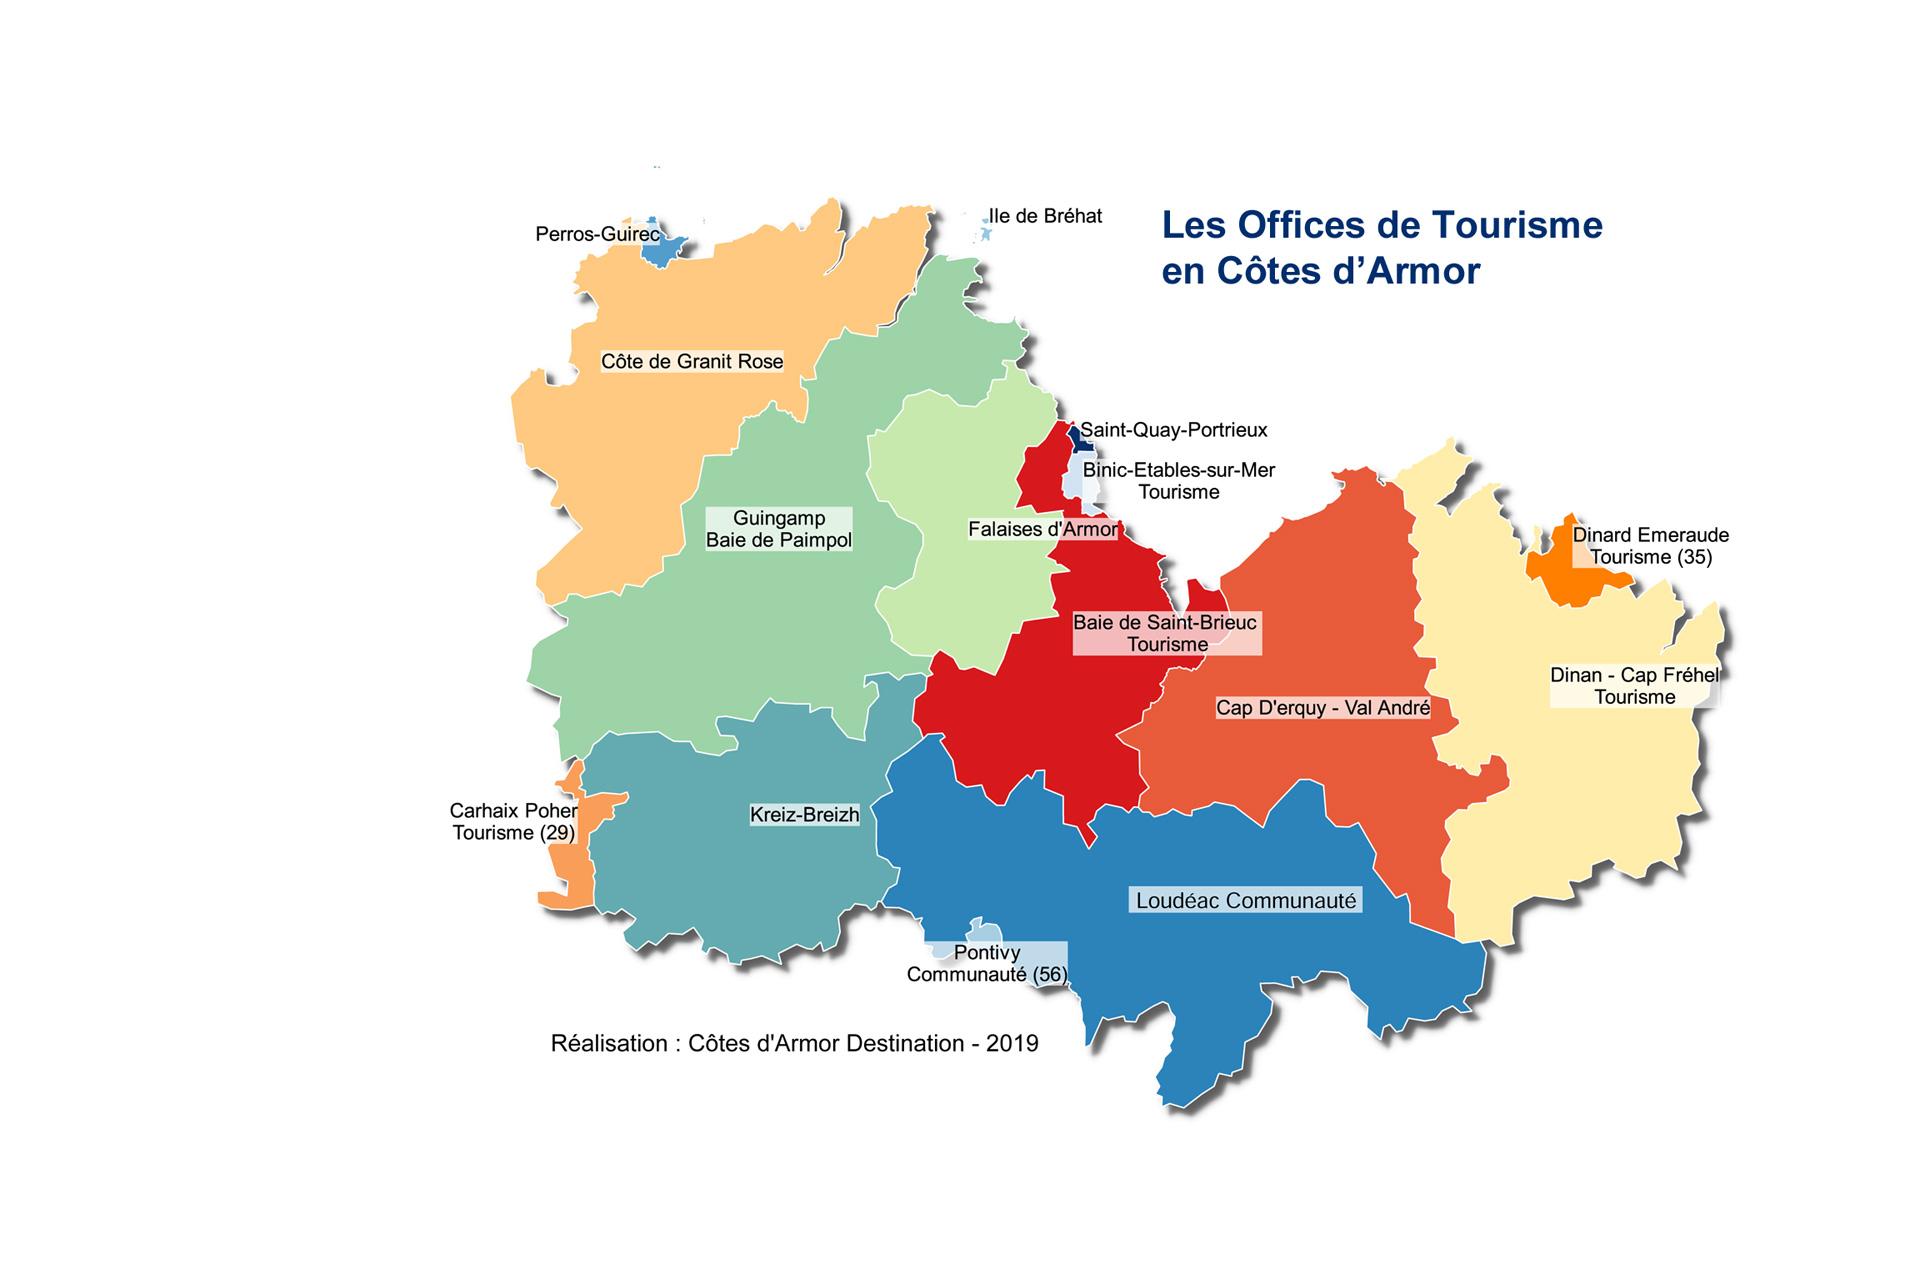 Carte des Offices de Tourisme des Côtes d'Armor